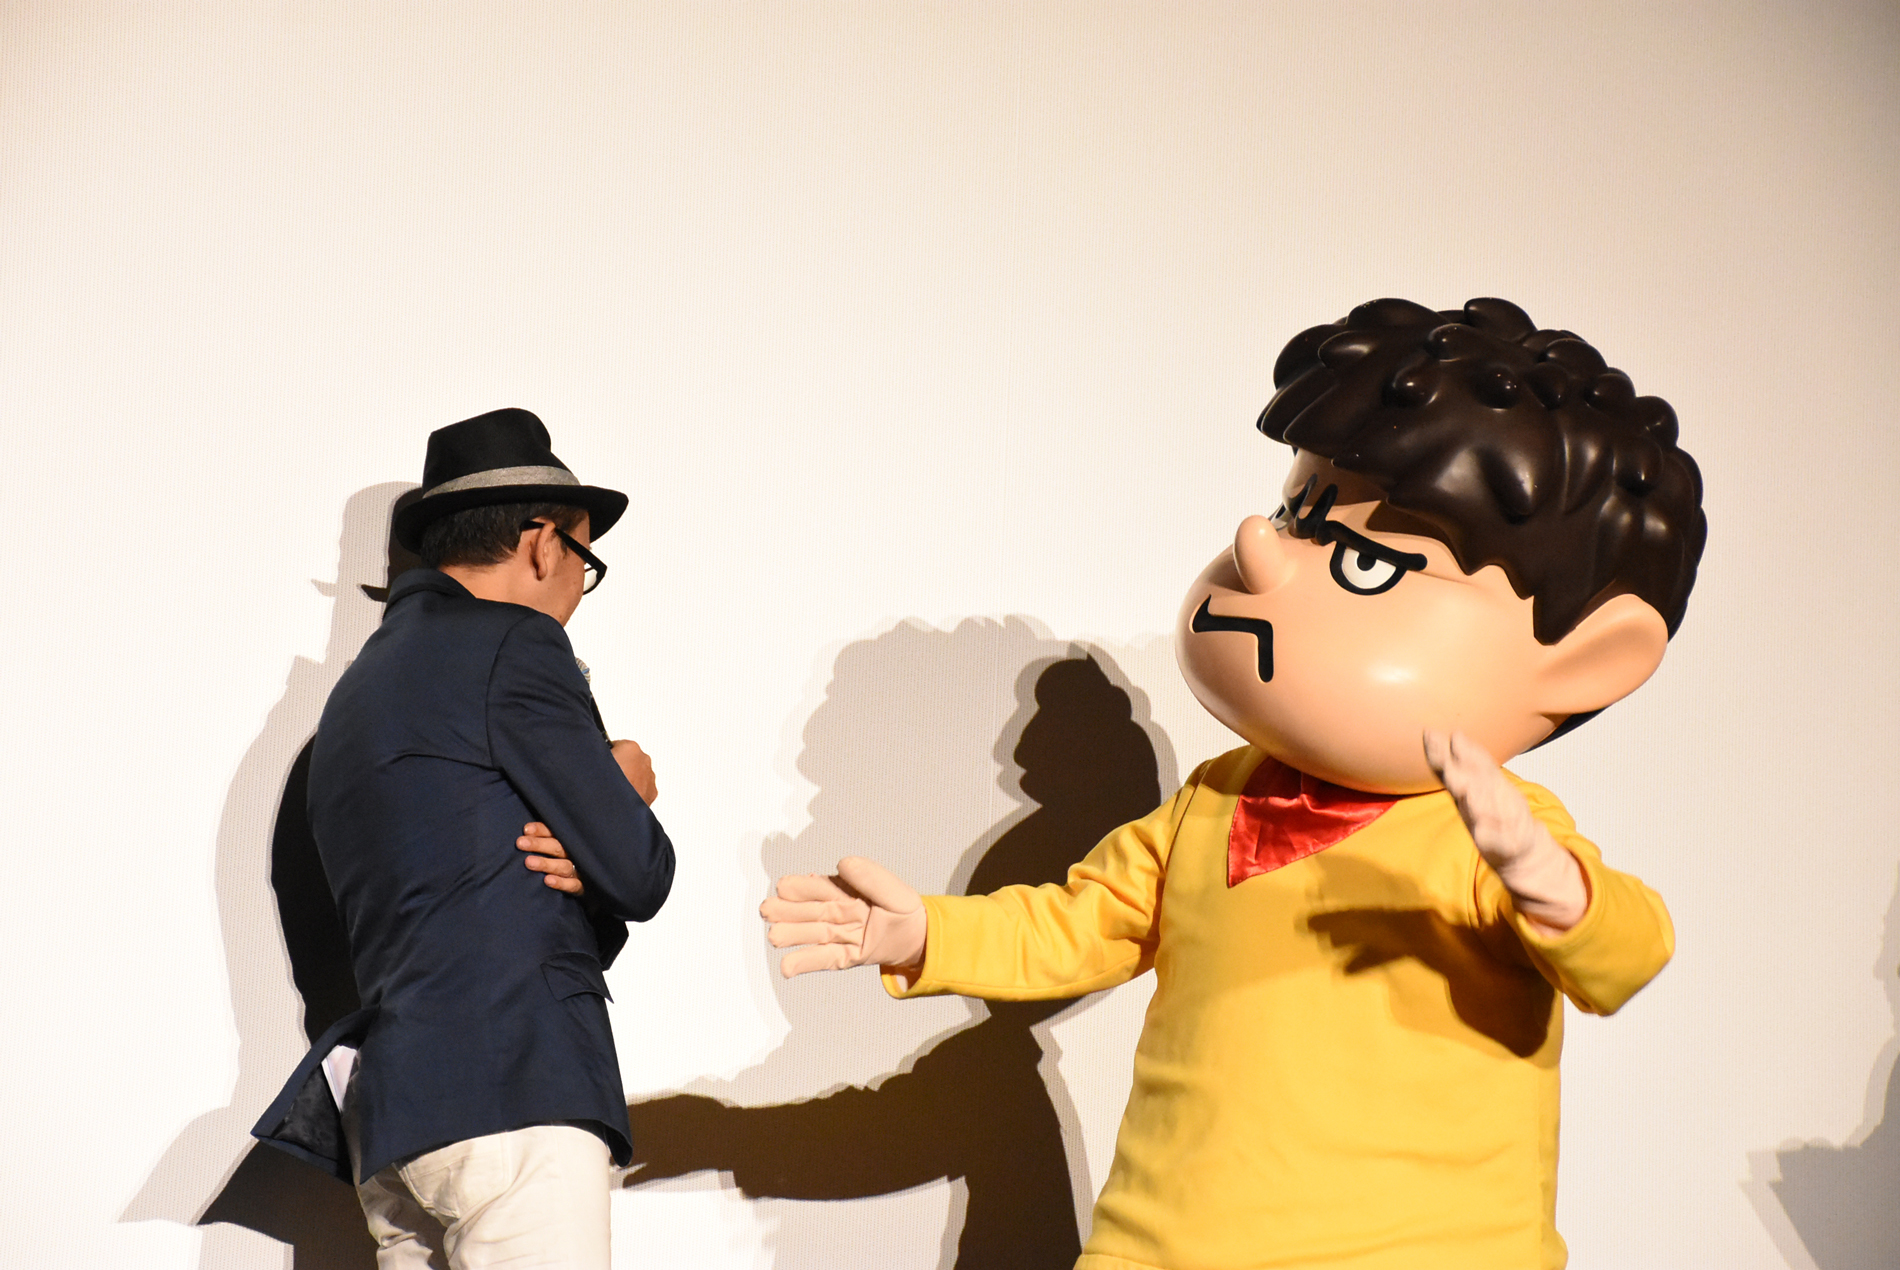 FROGMAN監督、吉田くんによるおなじみの光景